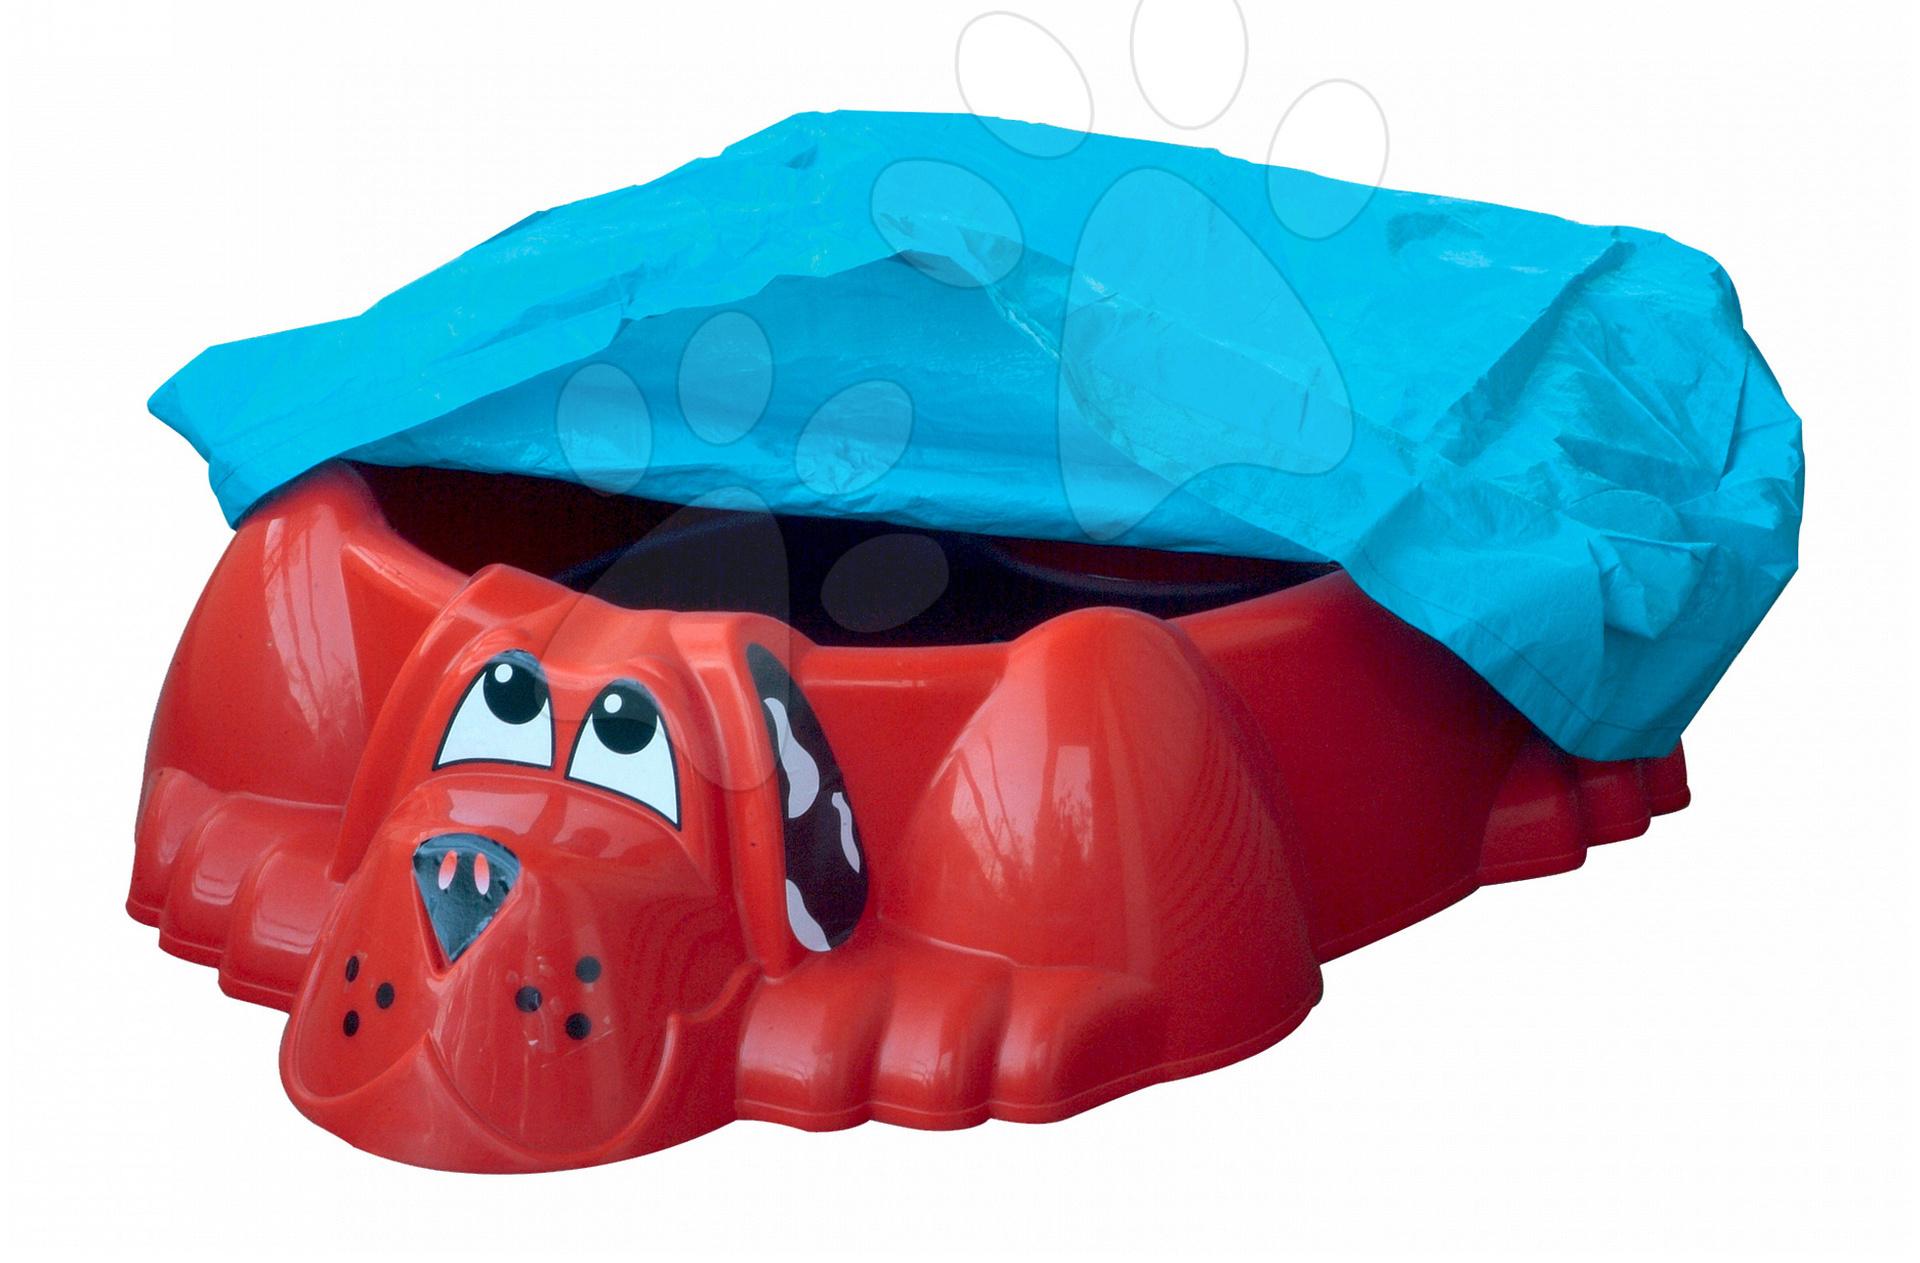 Pieskoviská pre deti - Pieskovisko Pes PalPlay s plachtou červené od 24 mes